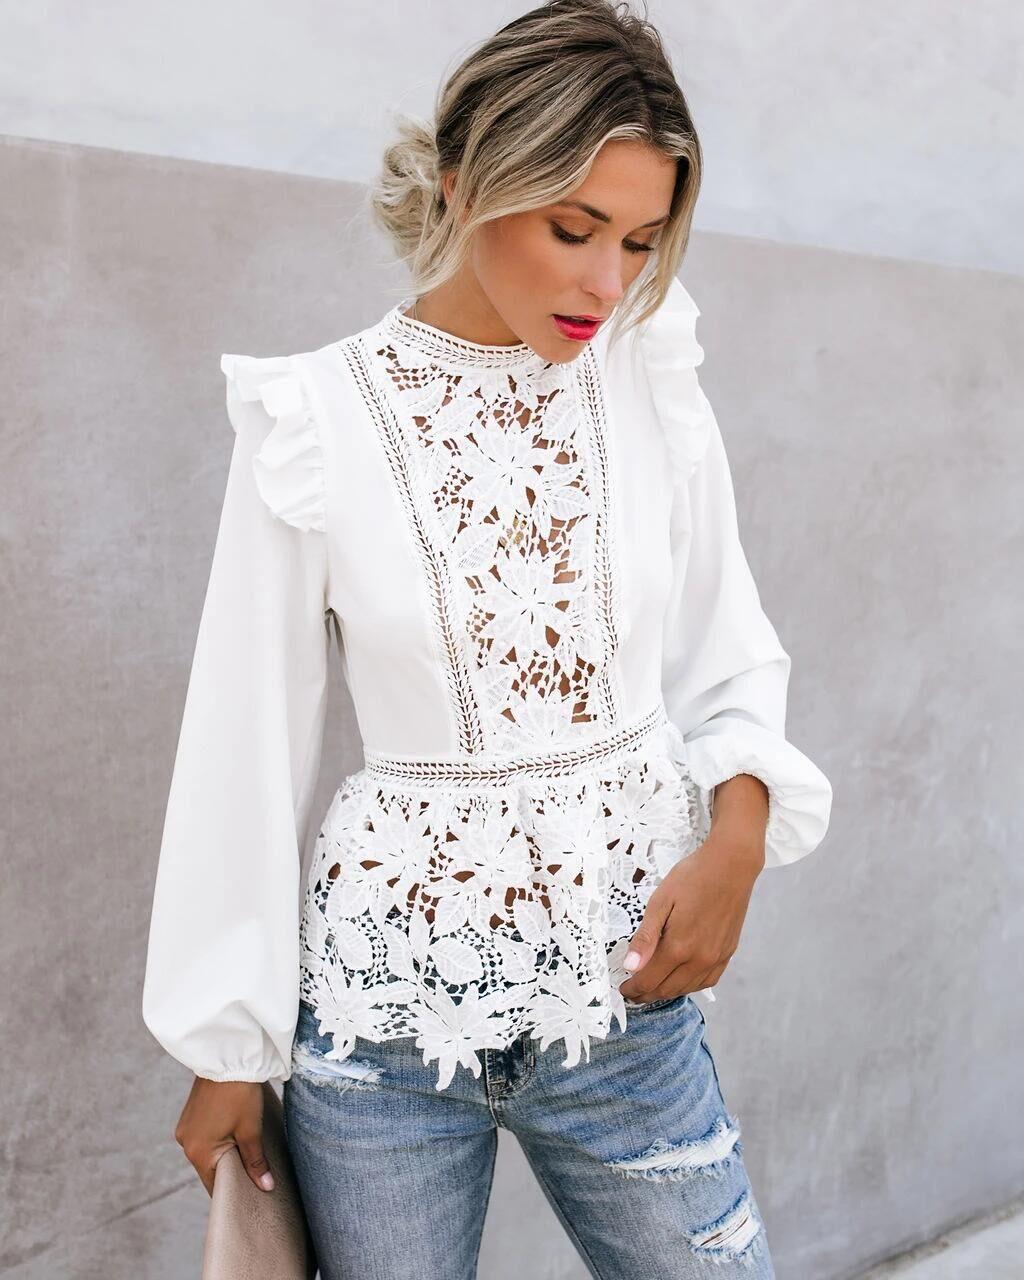 Женские цветочные кружевные Элегантные блузки с оборками, белые топы в стиле бохо с длинным рукавом, женские рубашки с вырезами, Весенняя бл...